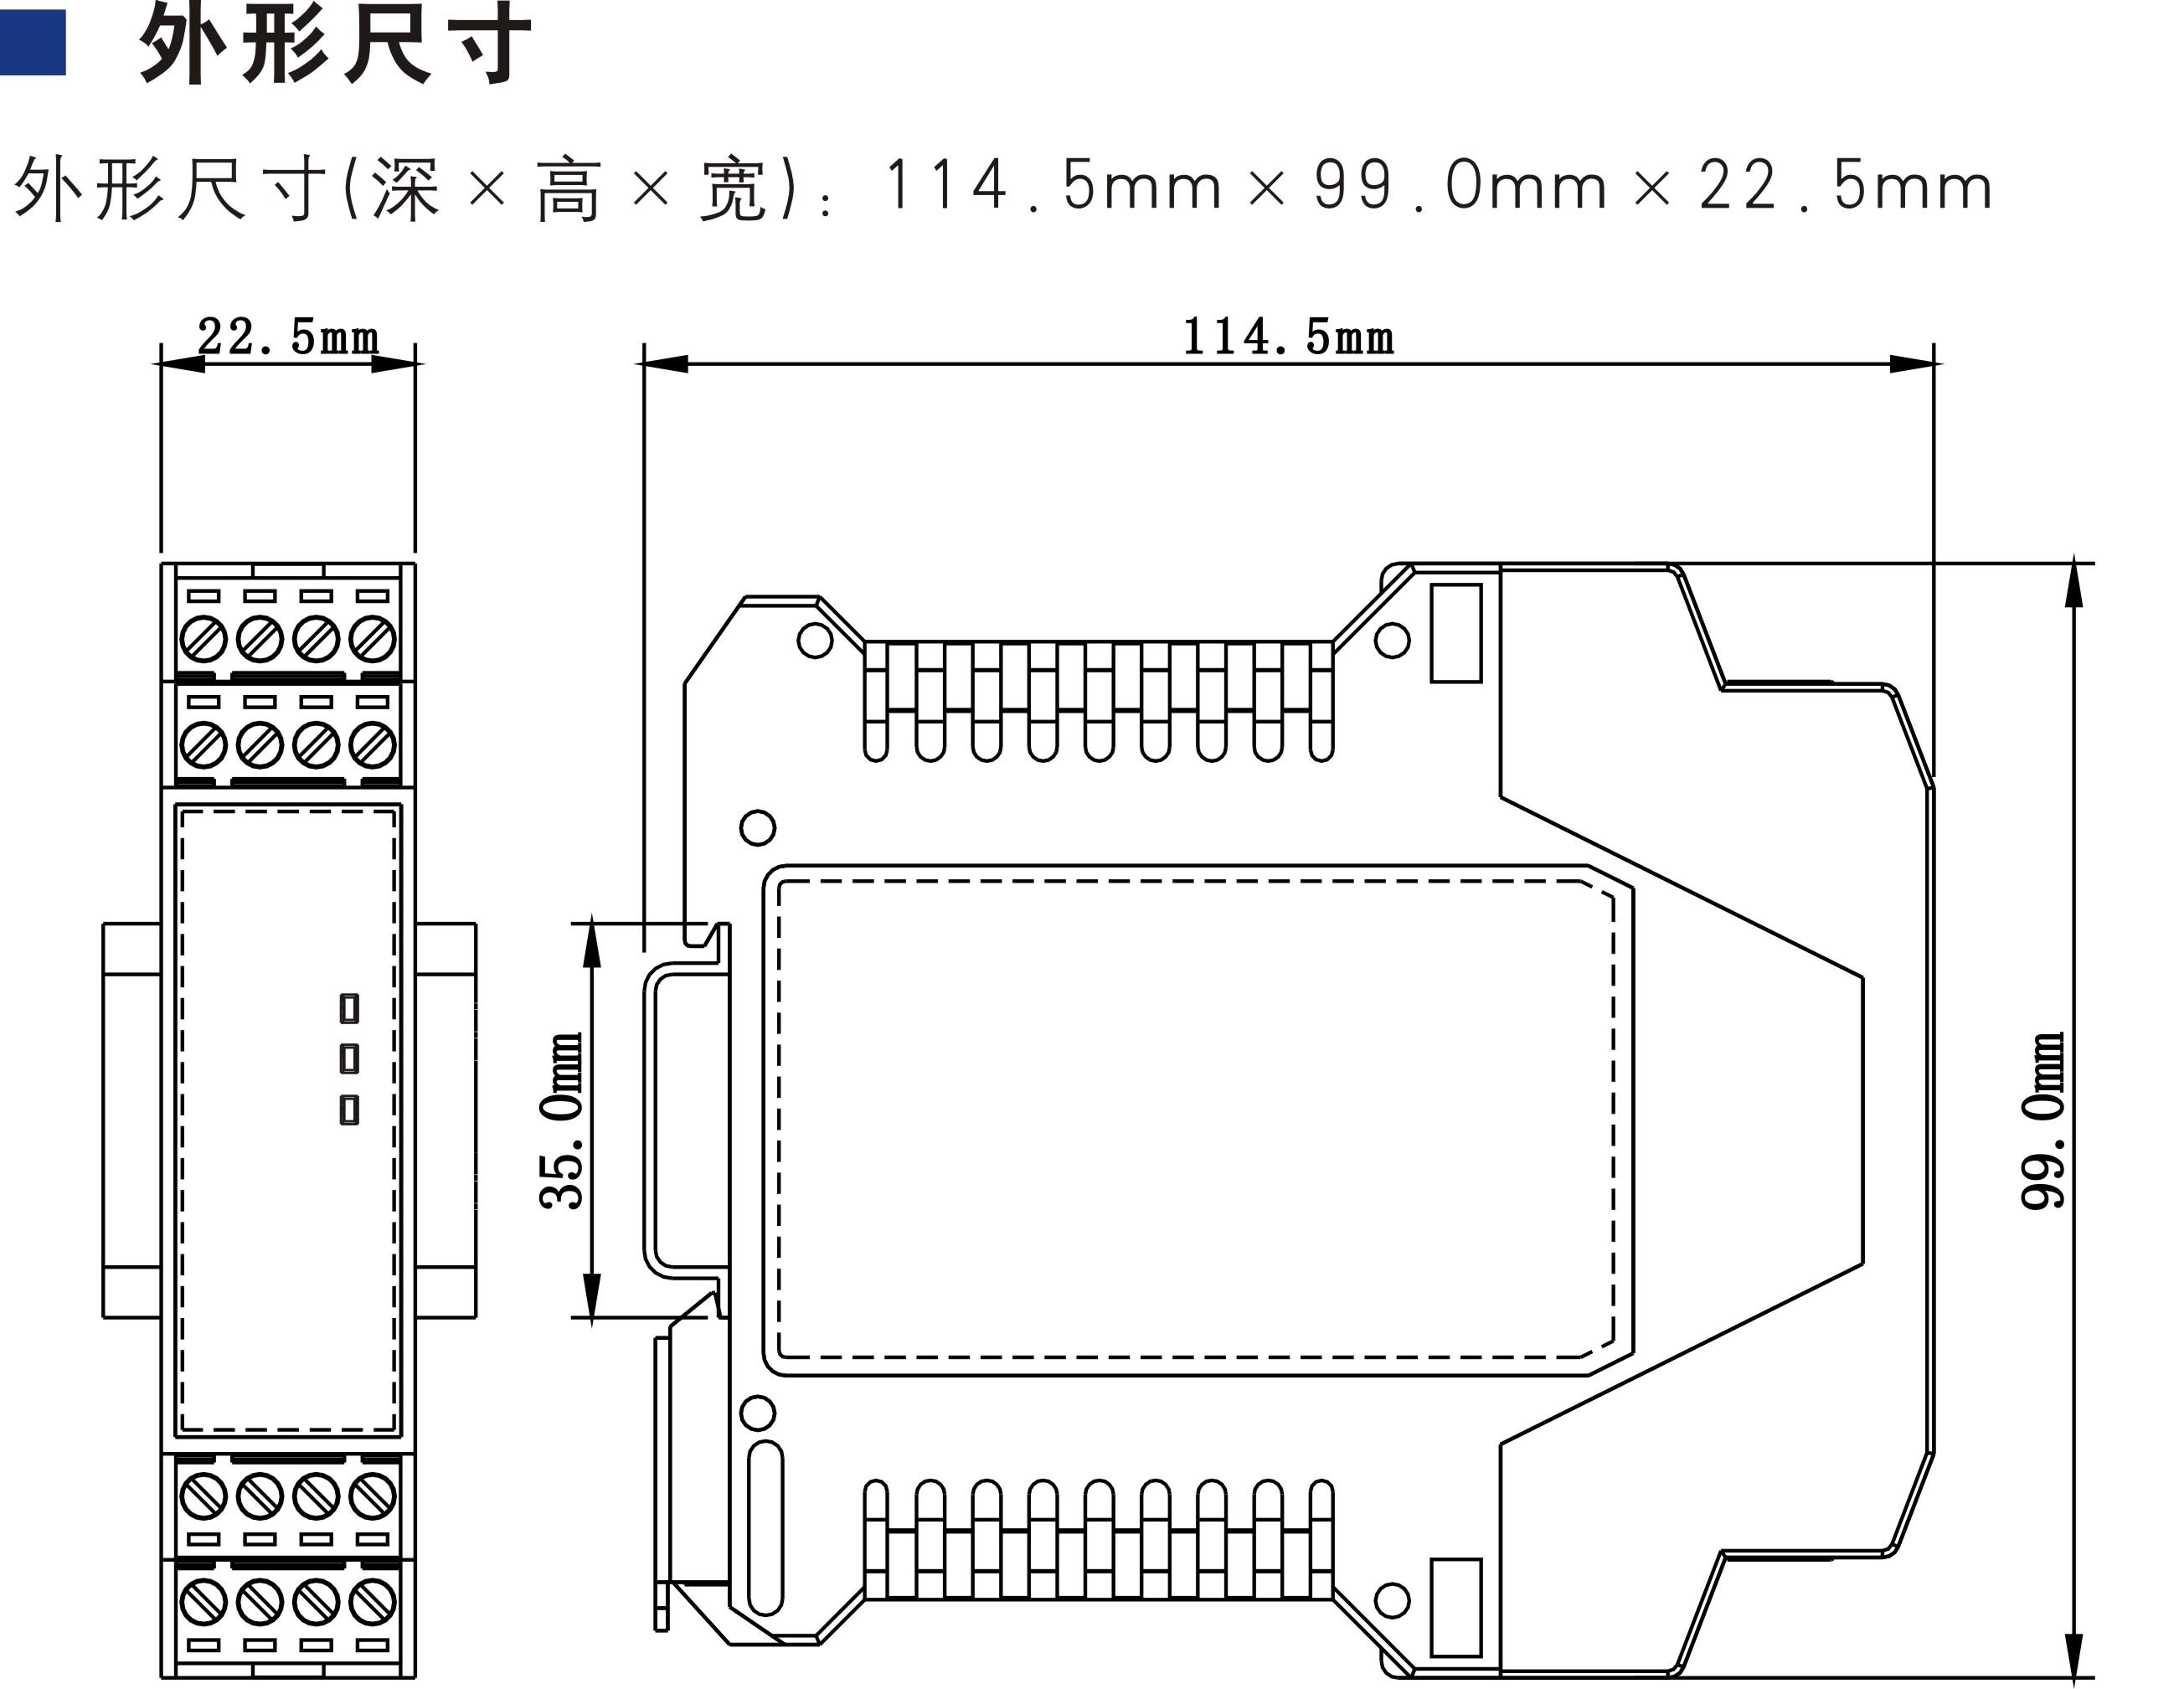 开关型安全设备输入 (急停按钮/安全门 24V DC/AC 3NO+1NC 受监控的手动复位)